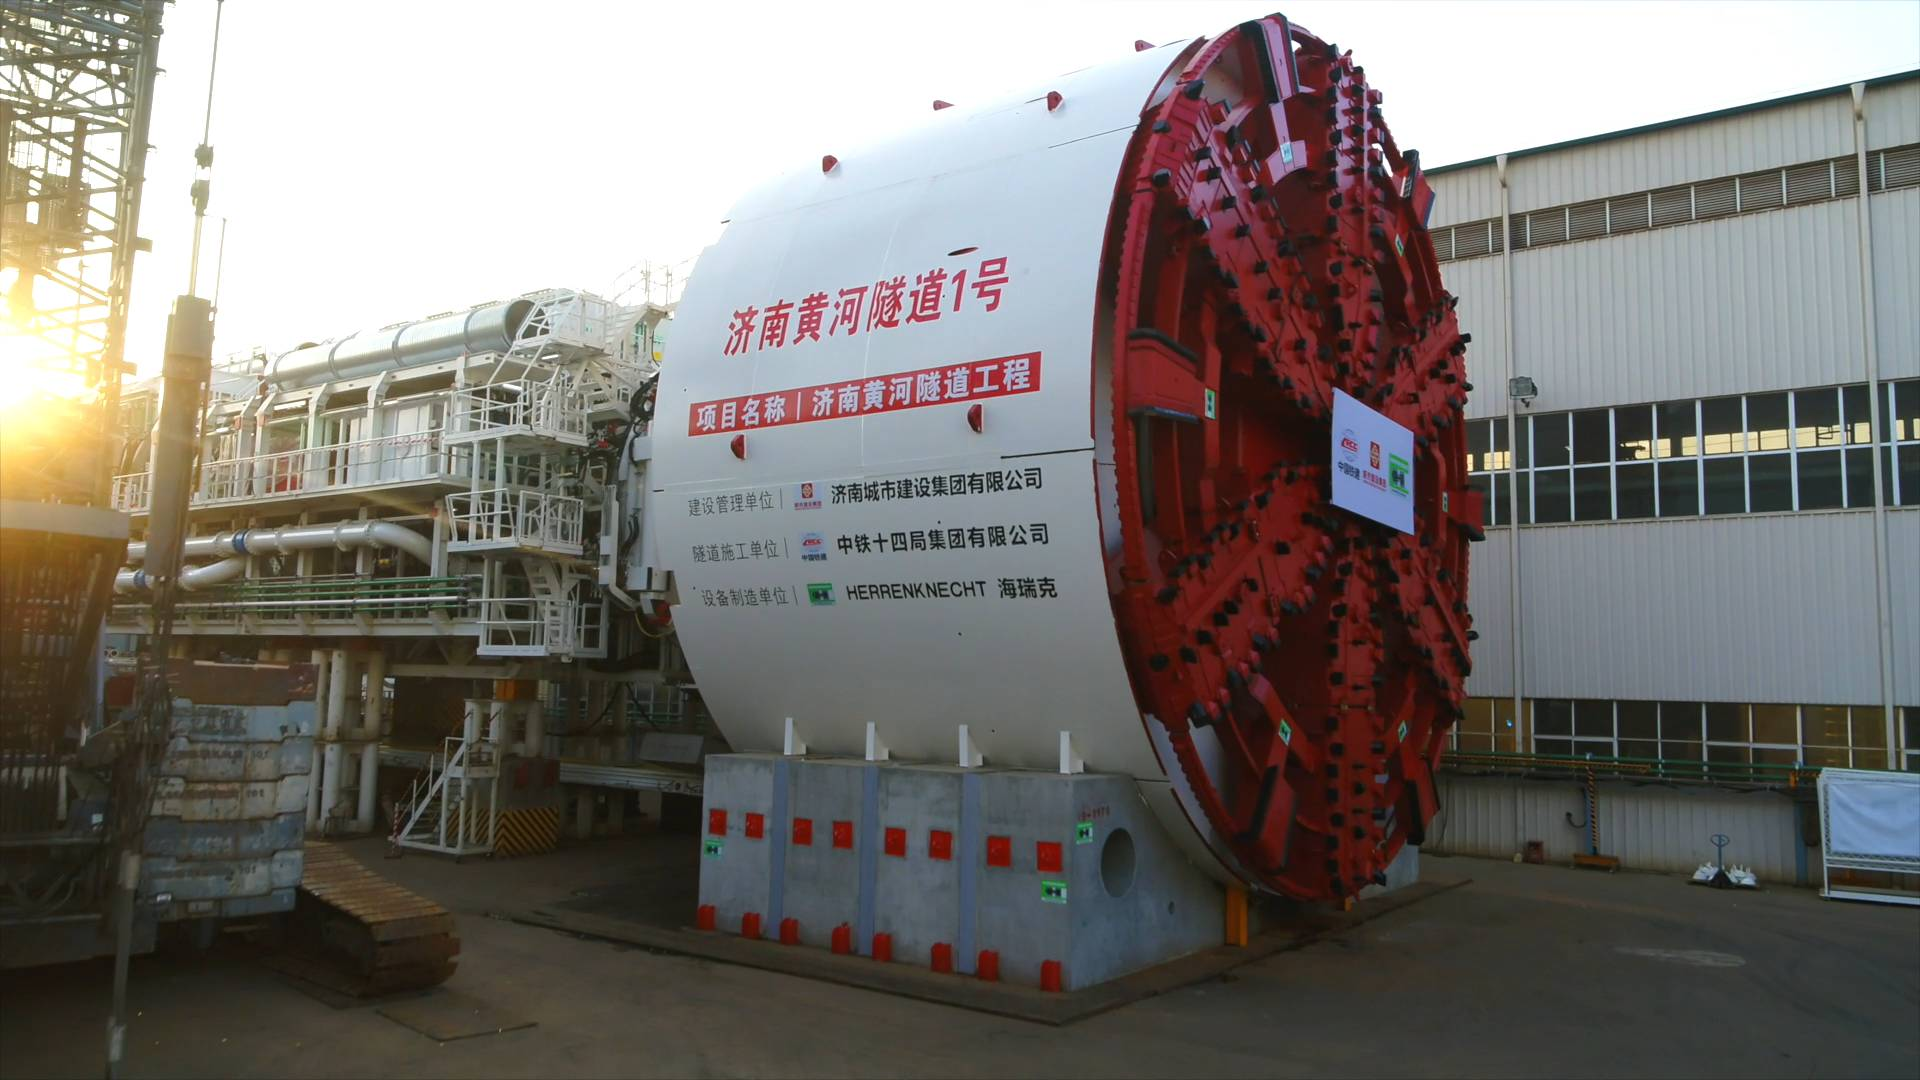 37秒丨超大直径盾构机来啦!济南黄河隧道今年正式开挖